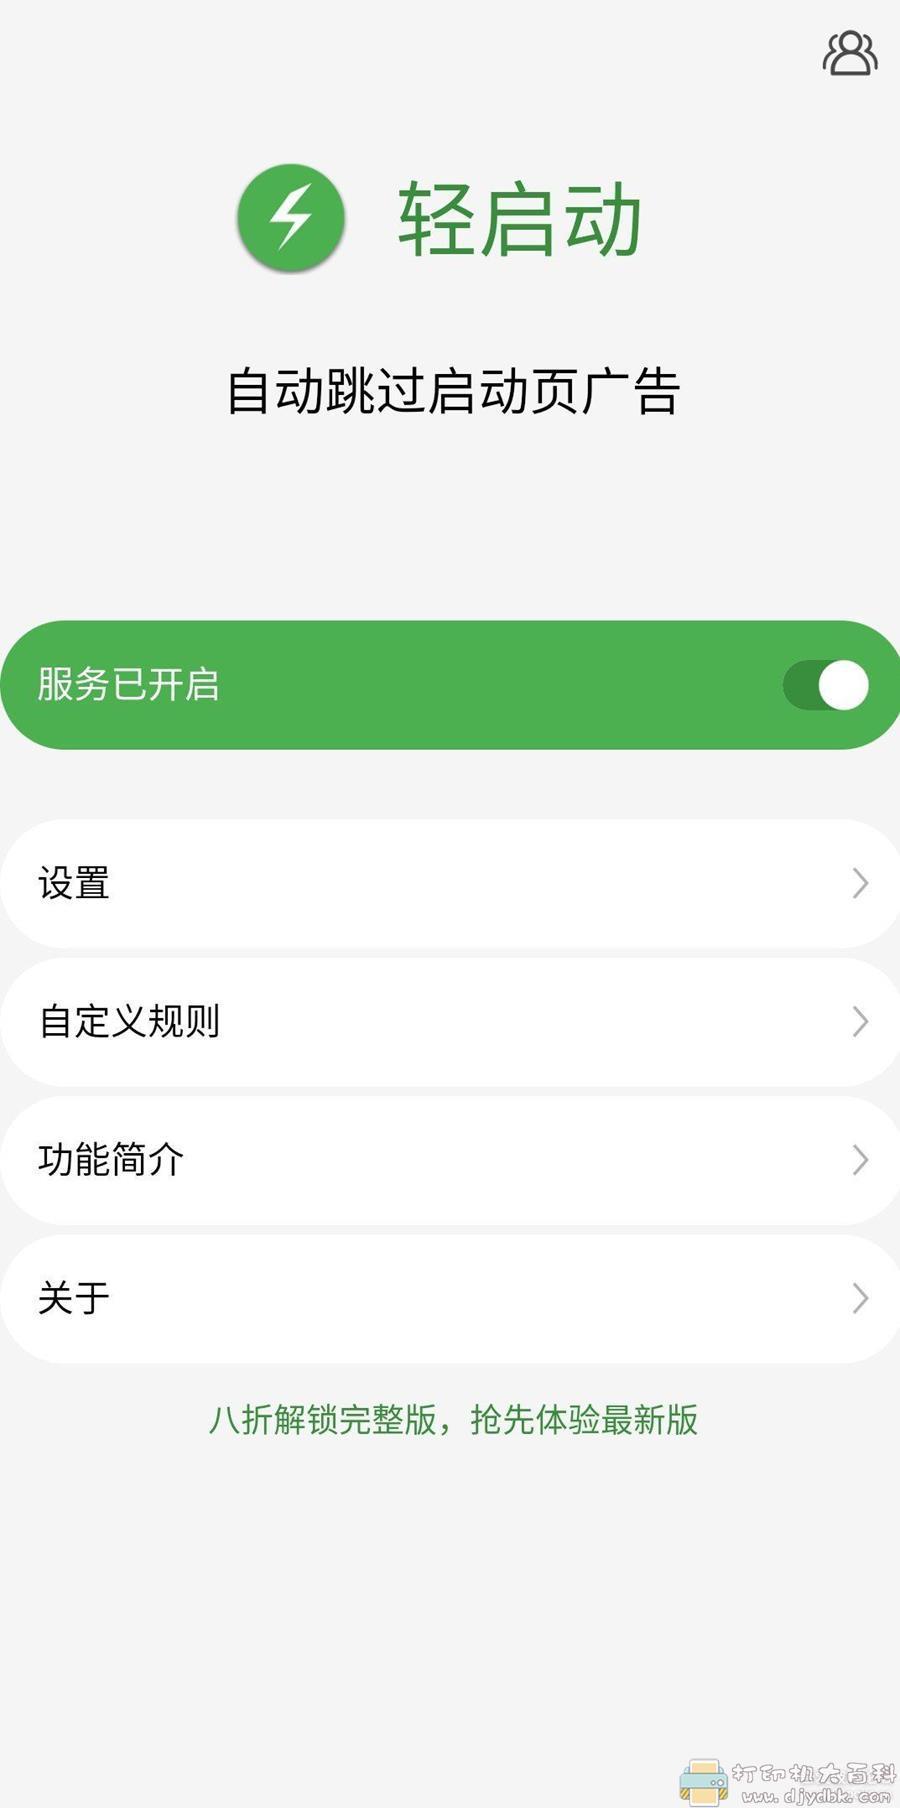 [Android]【轻启动】自动跳过应用启动广告图片 No.1